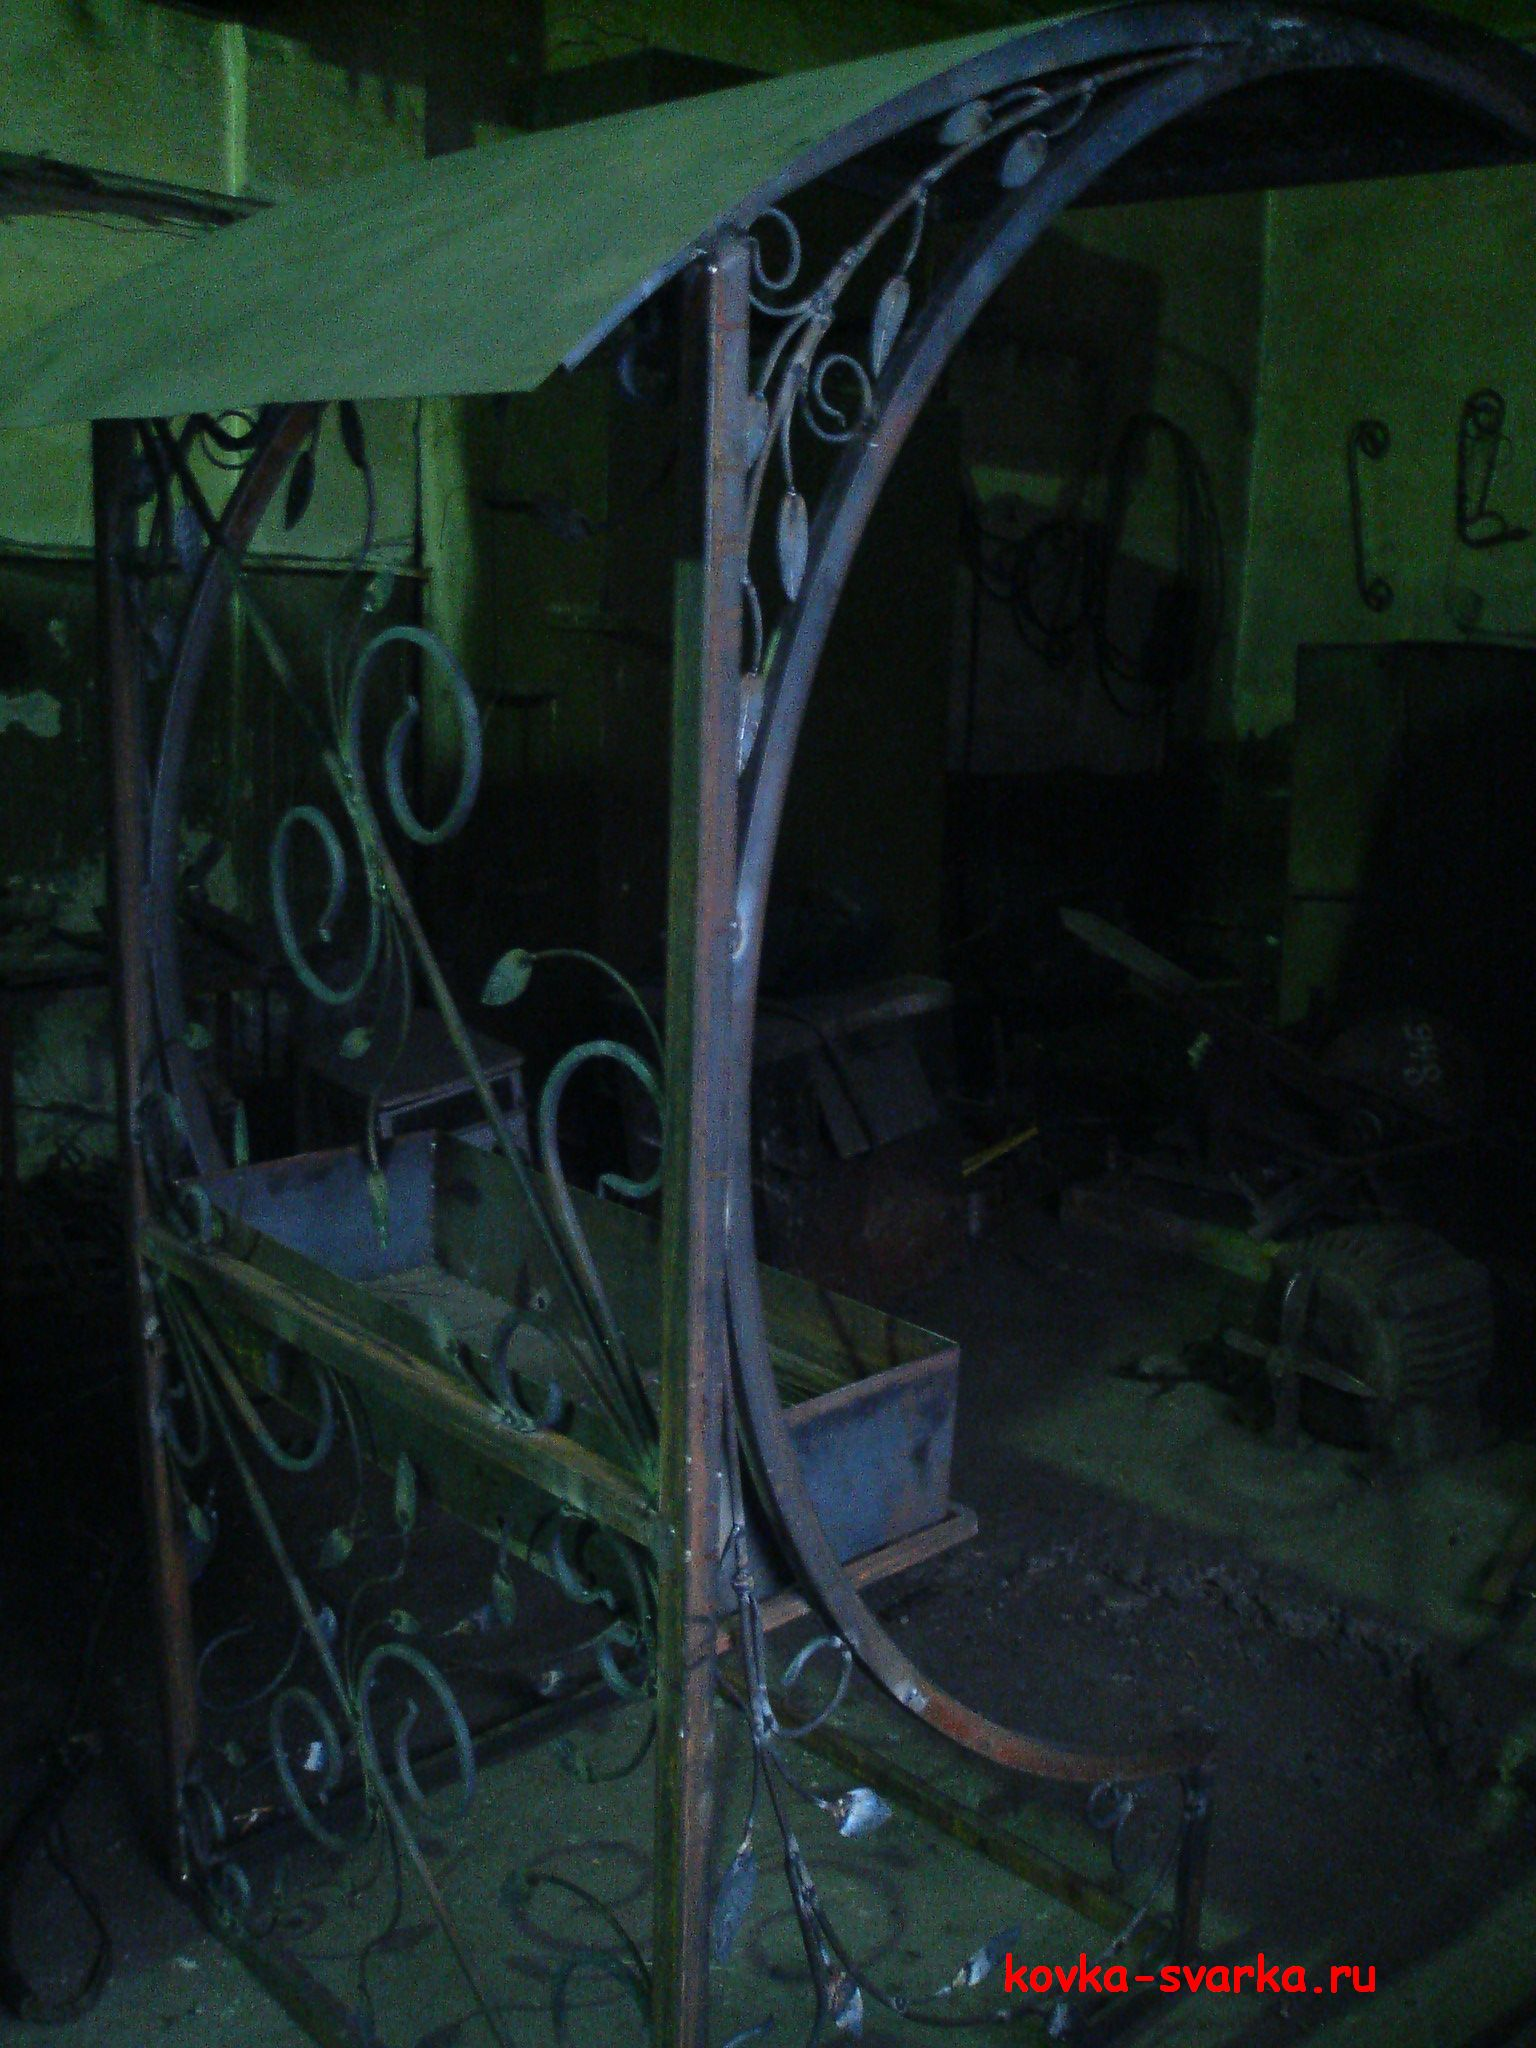 мангал, ковка и сварка, с крышей, стационарный